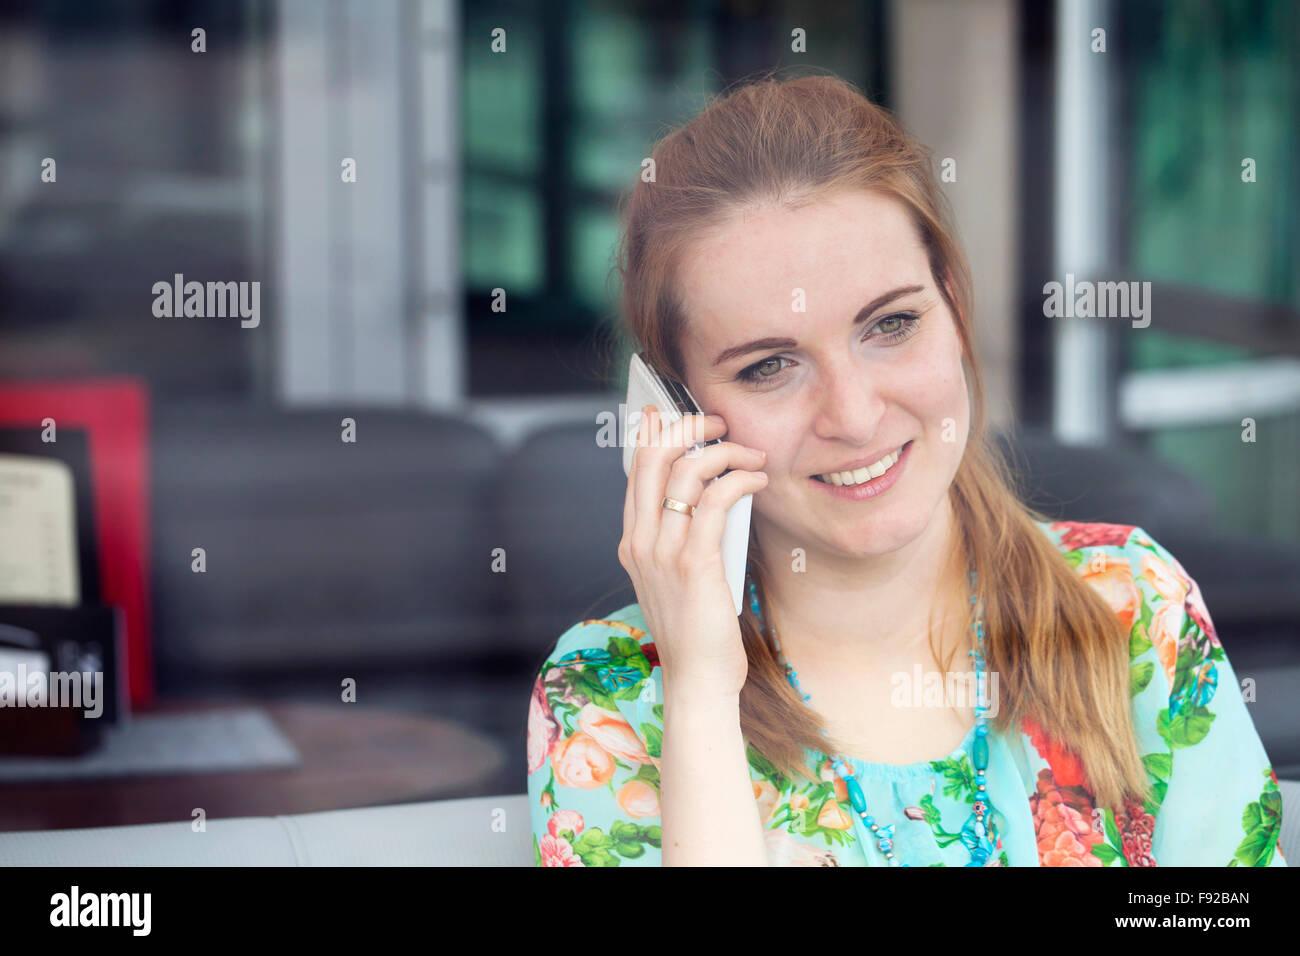 Mujer hablando por teléfono en la cafetería Imagen De Stock